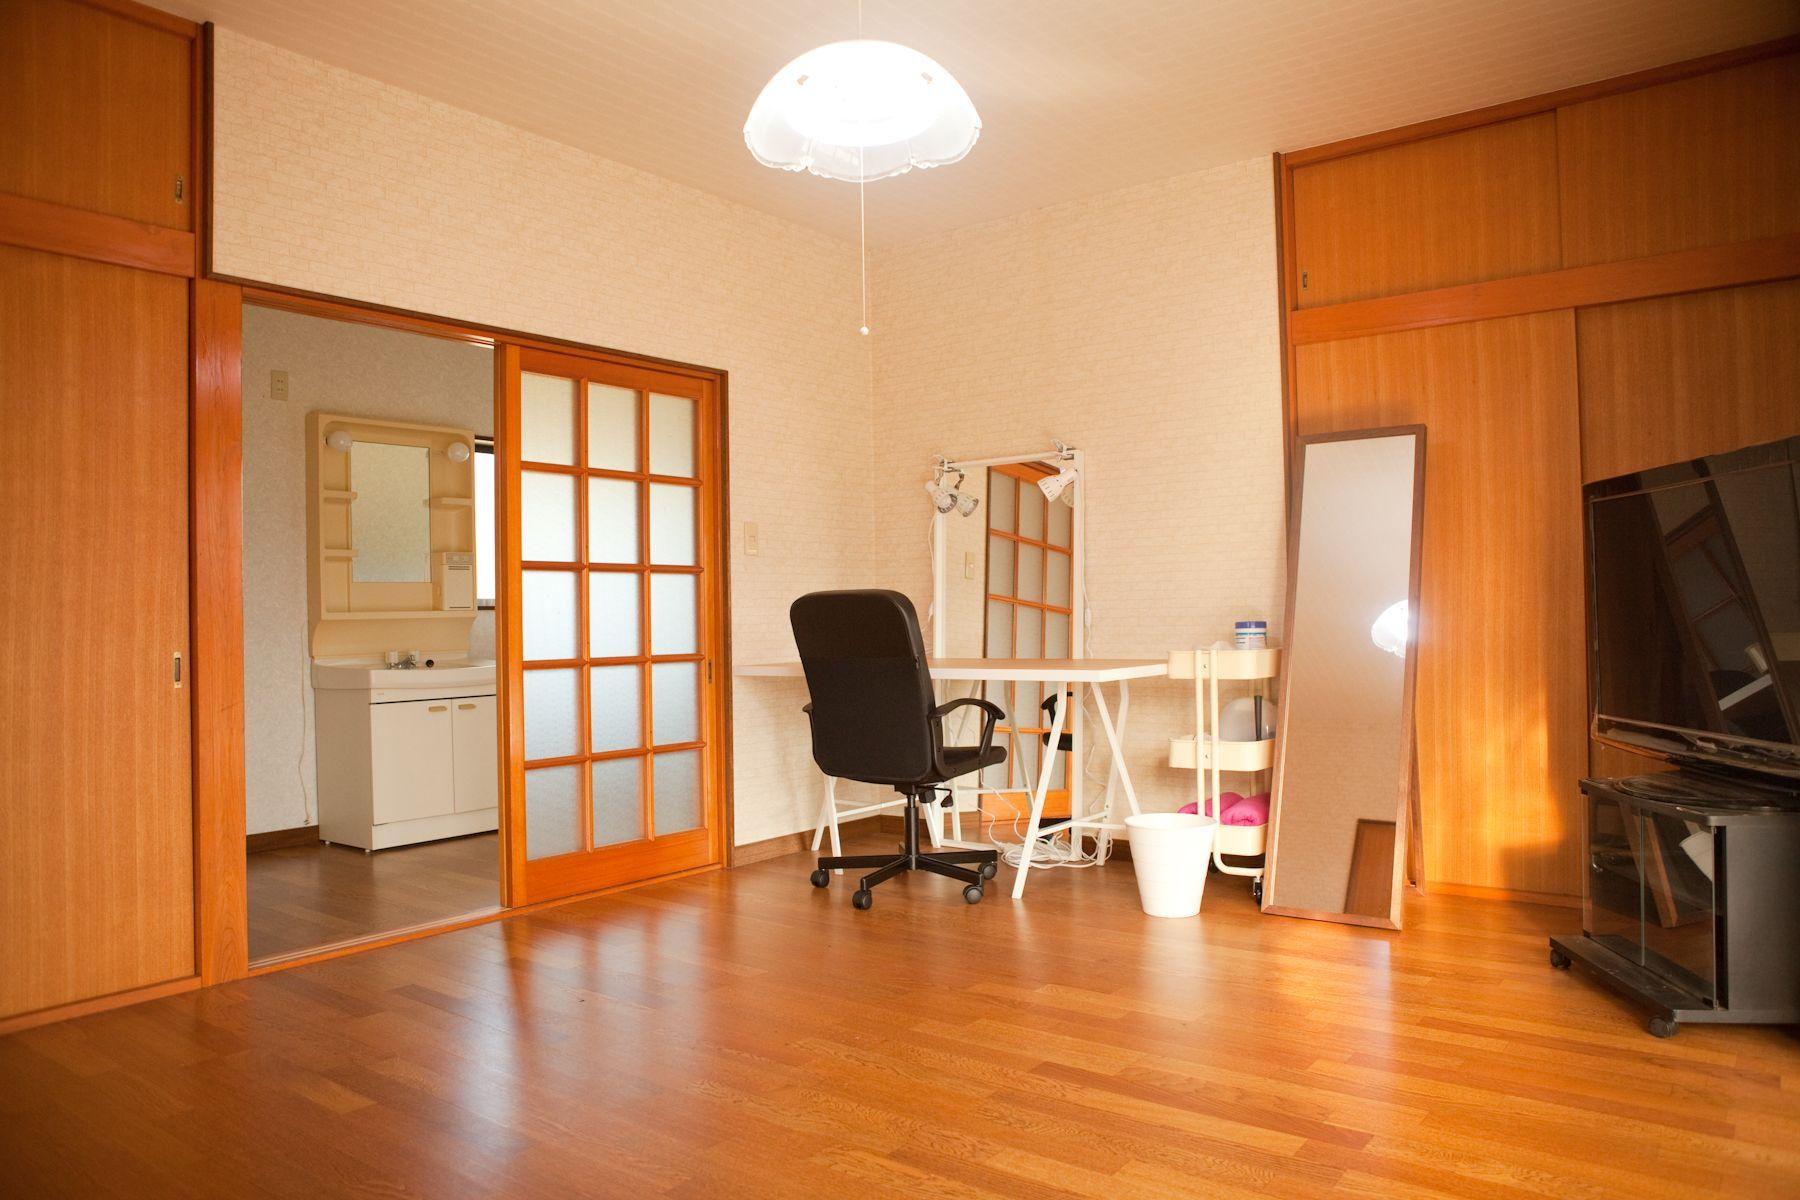 studio Licorne いすみの家メイクルーム